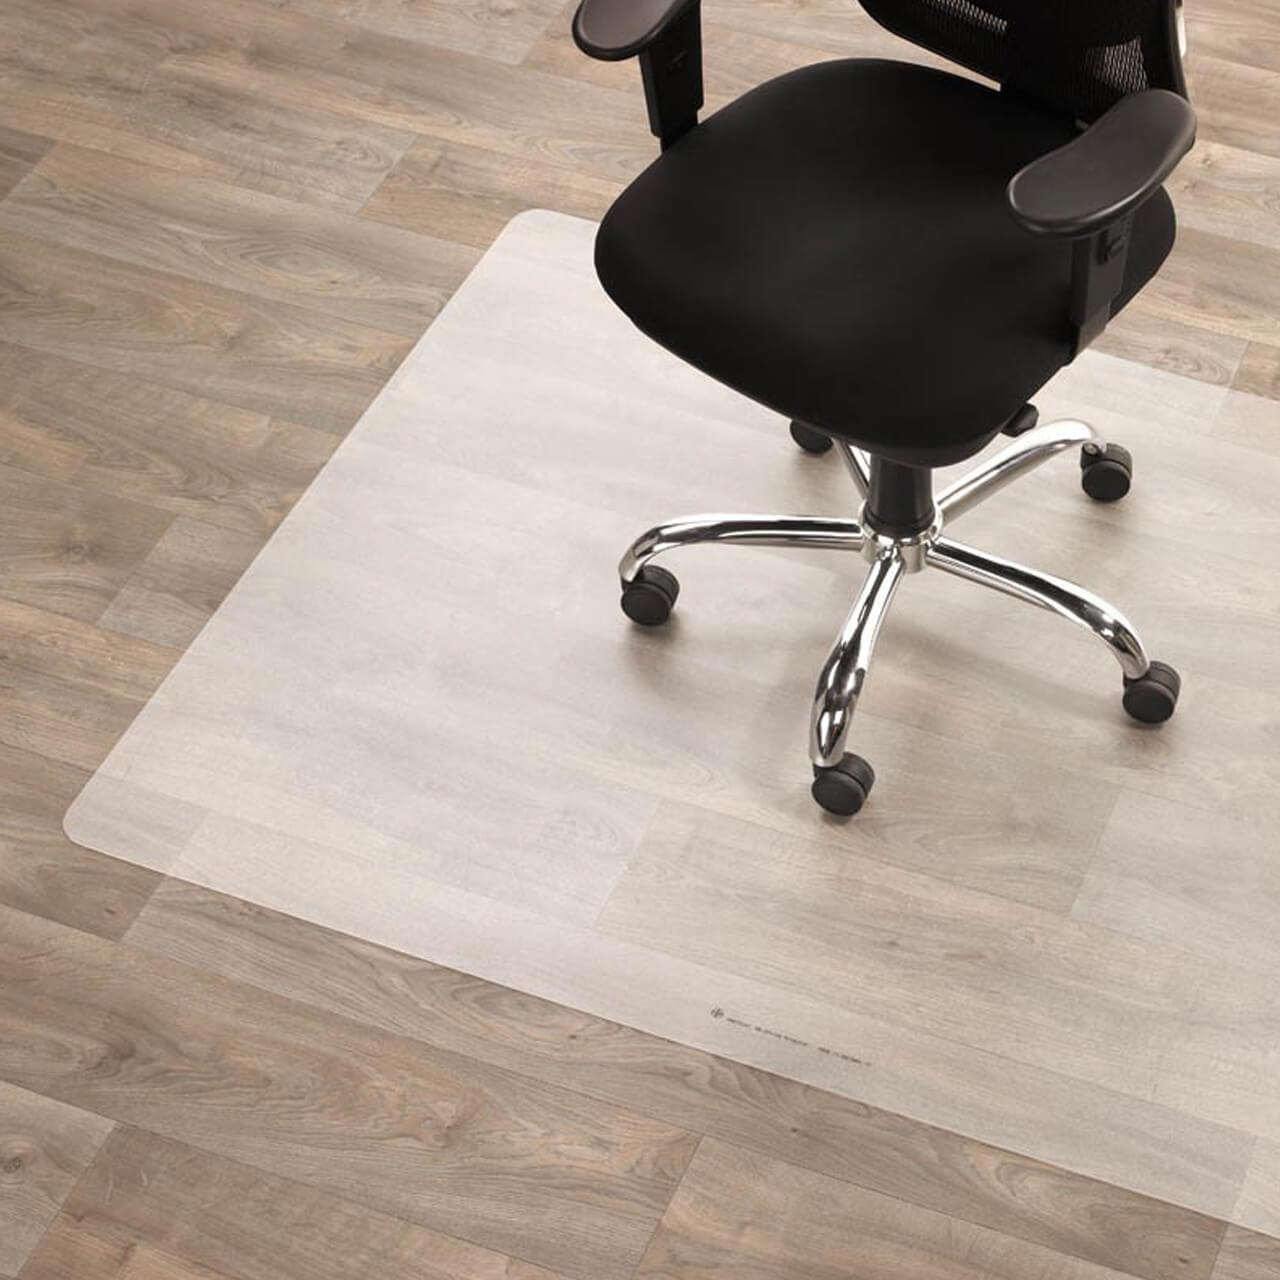 Vloermat harde vloeren vloermatten ERKAEXD104 0001s 0000 Voorkant 1